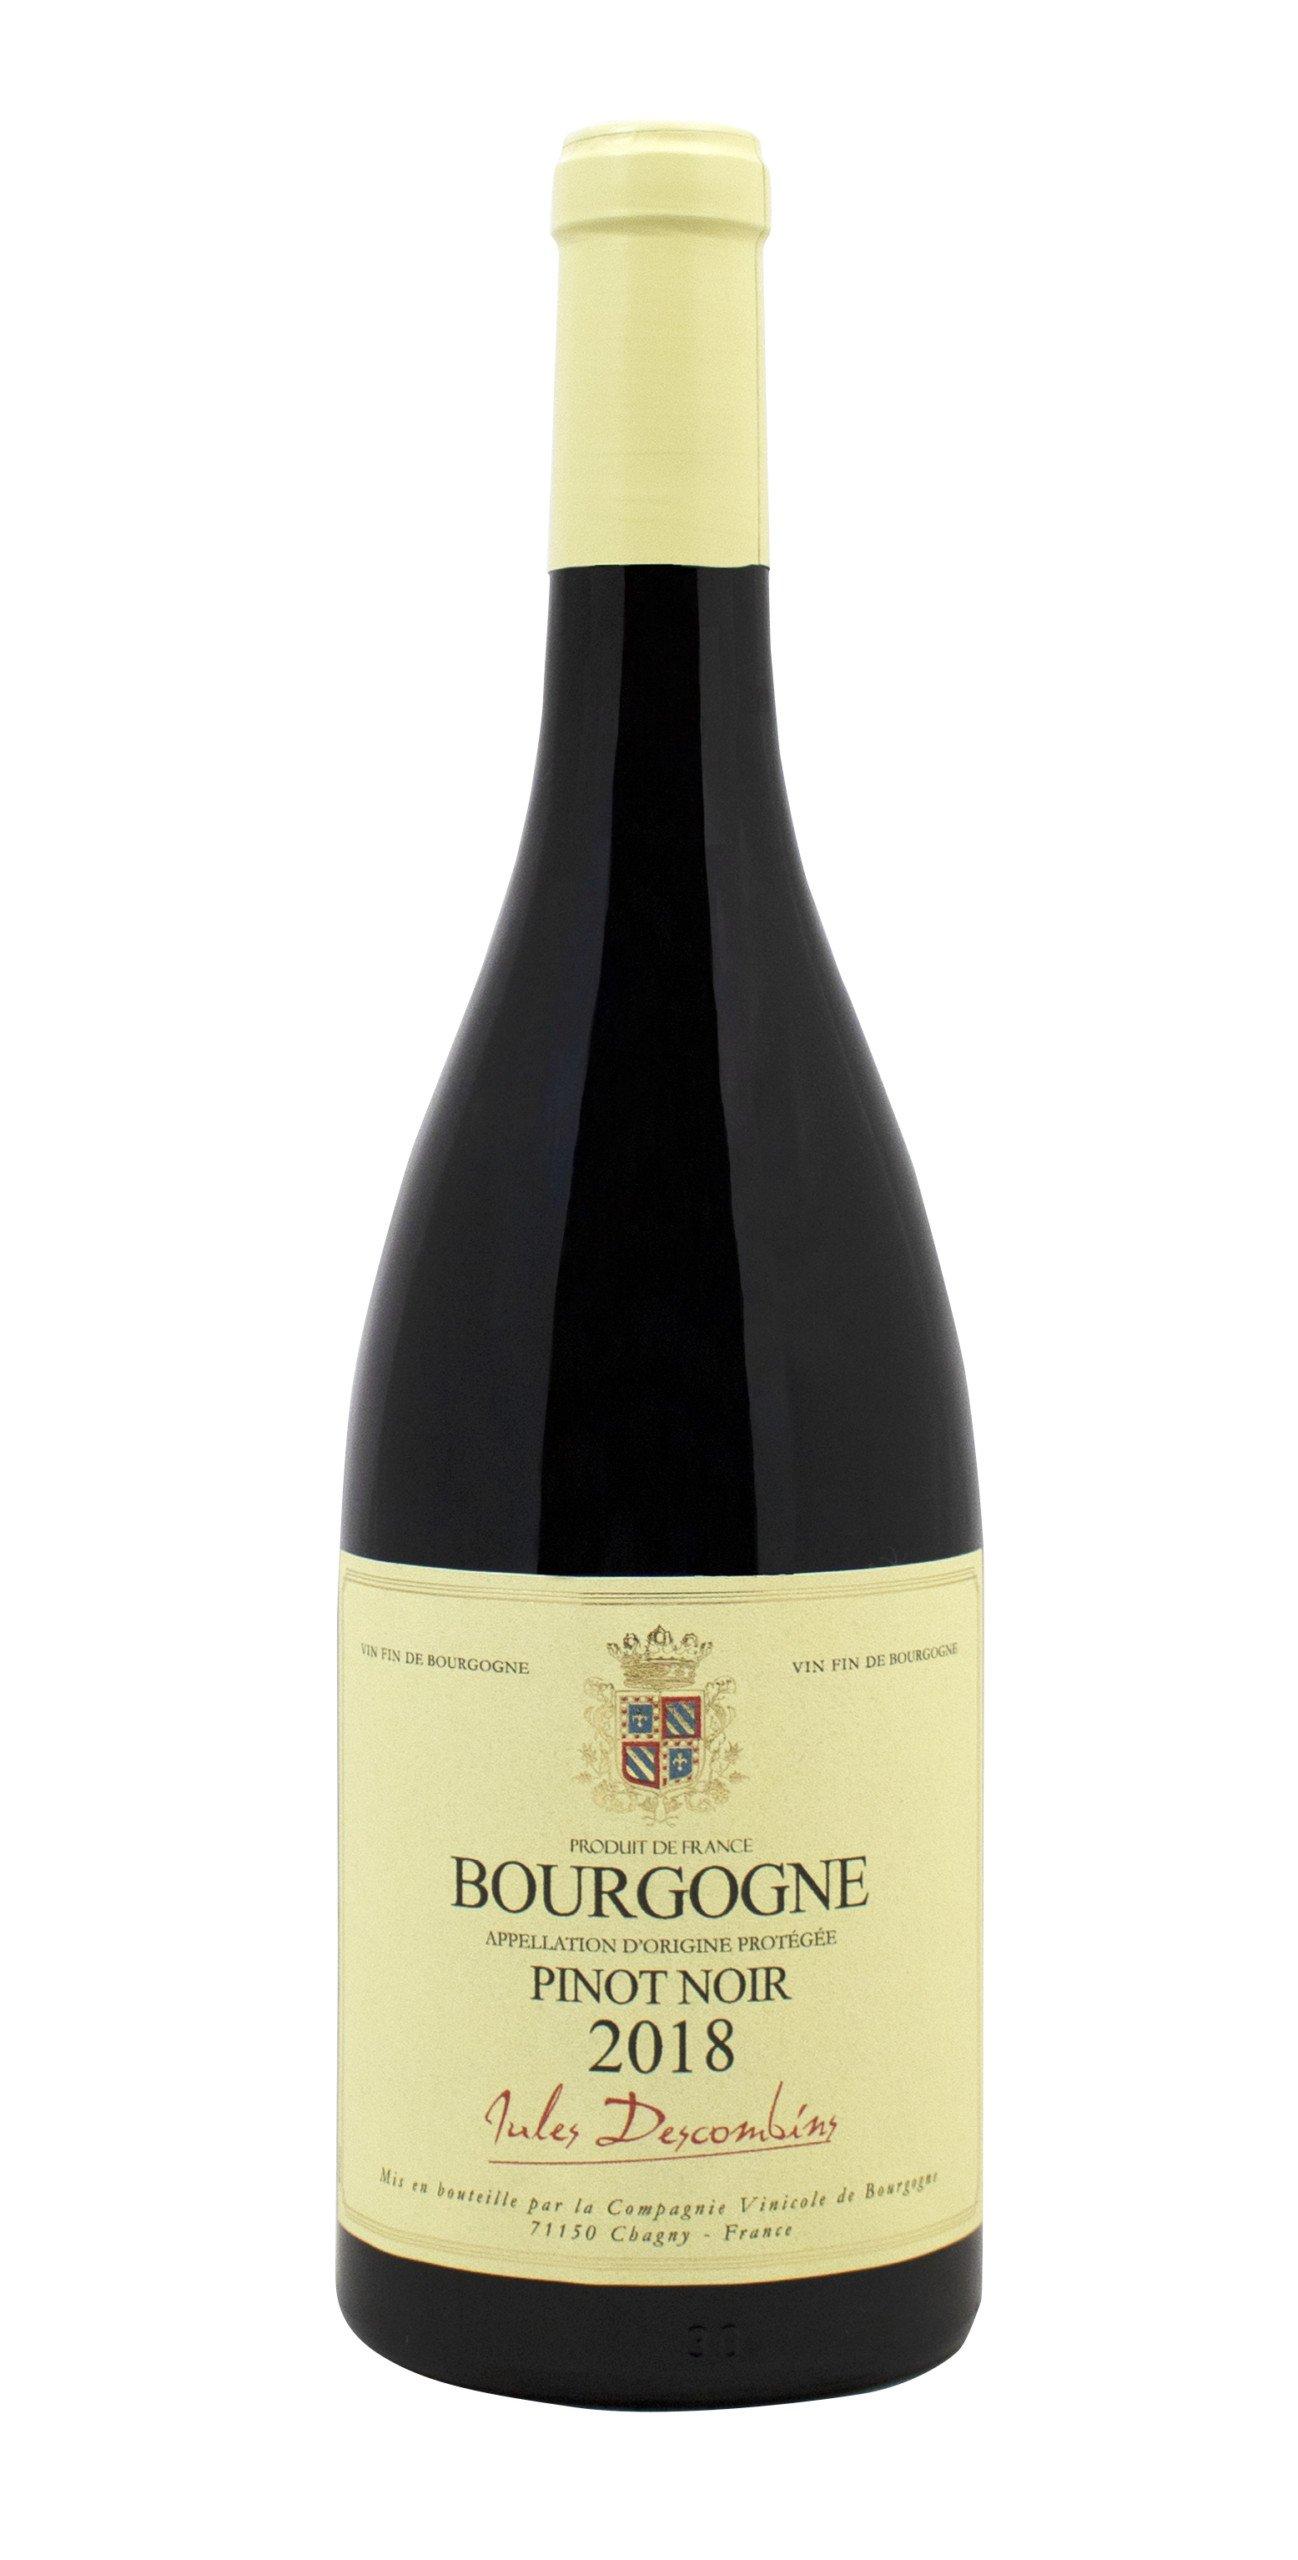 Bourgogne Pinot Noir Jules Descombins